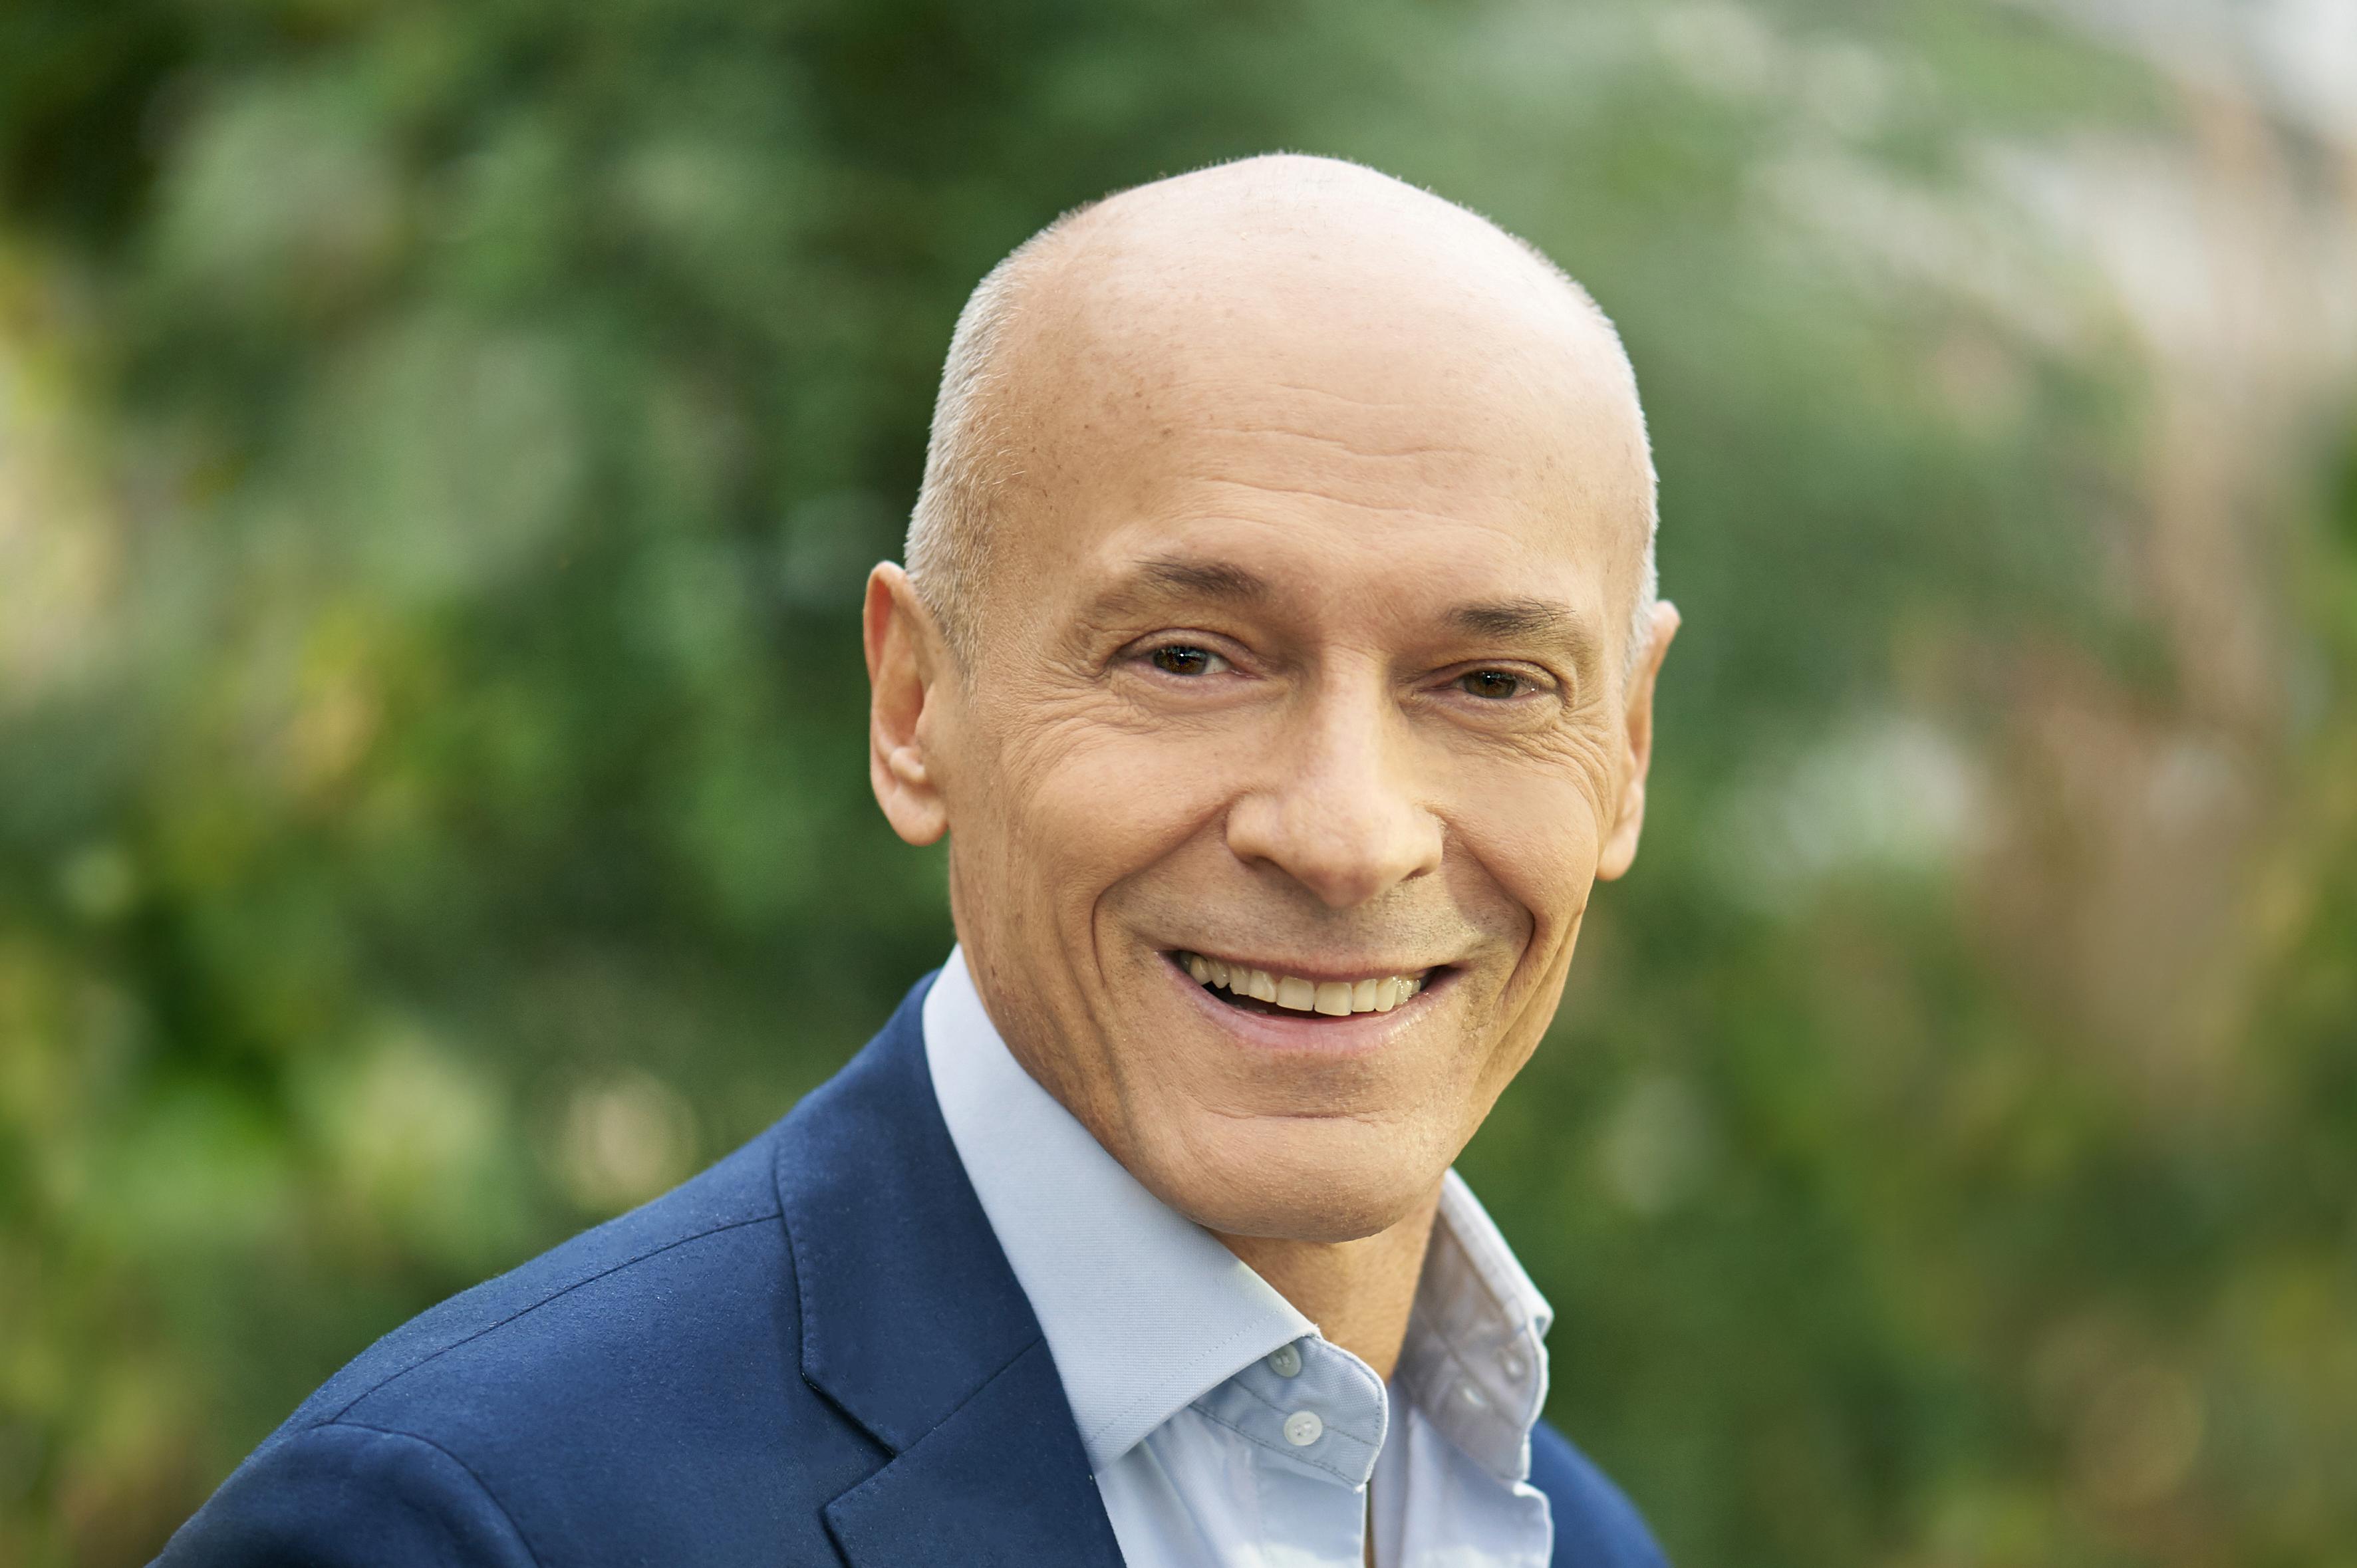 Andrea Cattaneo